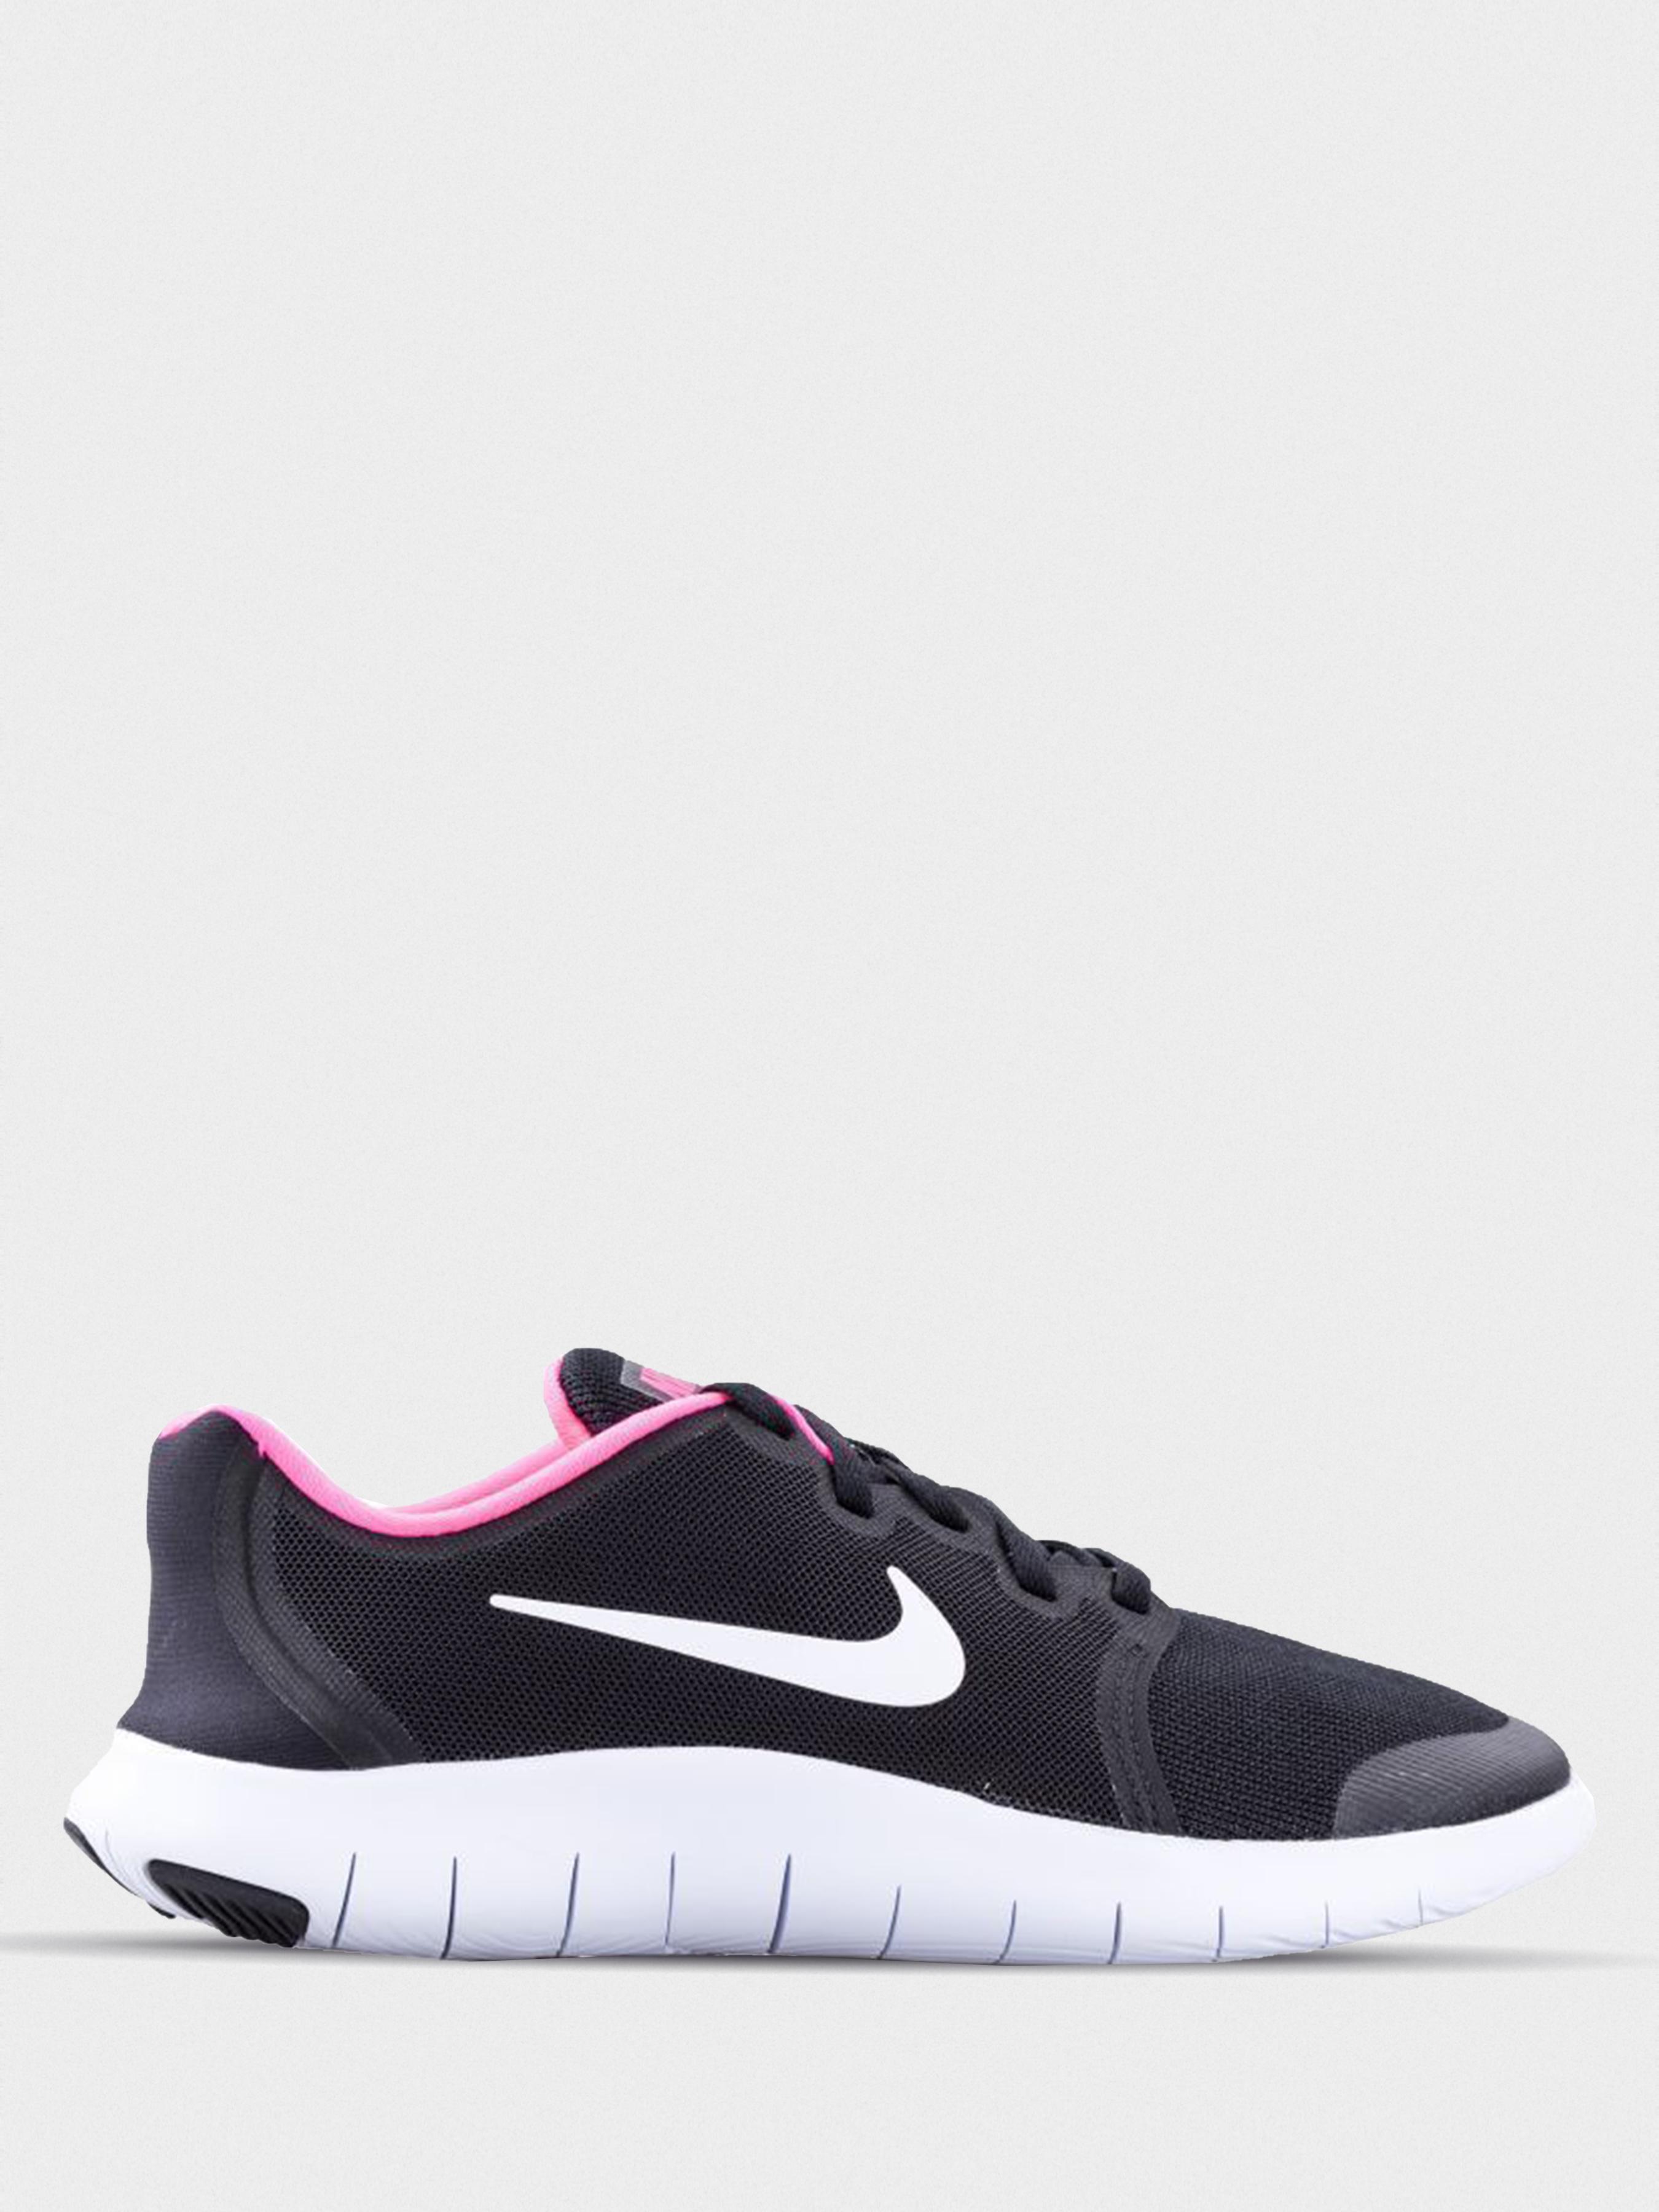 Кроссовки для детей NIKE NIKE FLEX CONTACT 2 (GS) CG38 брендовая обувь, 2017